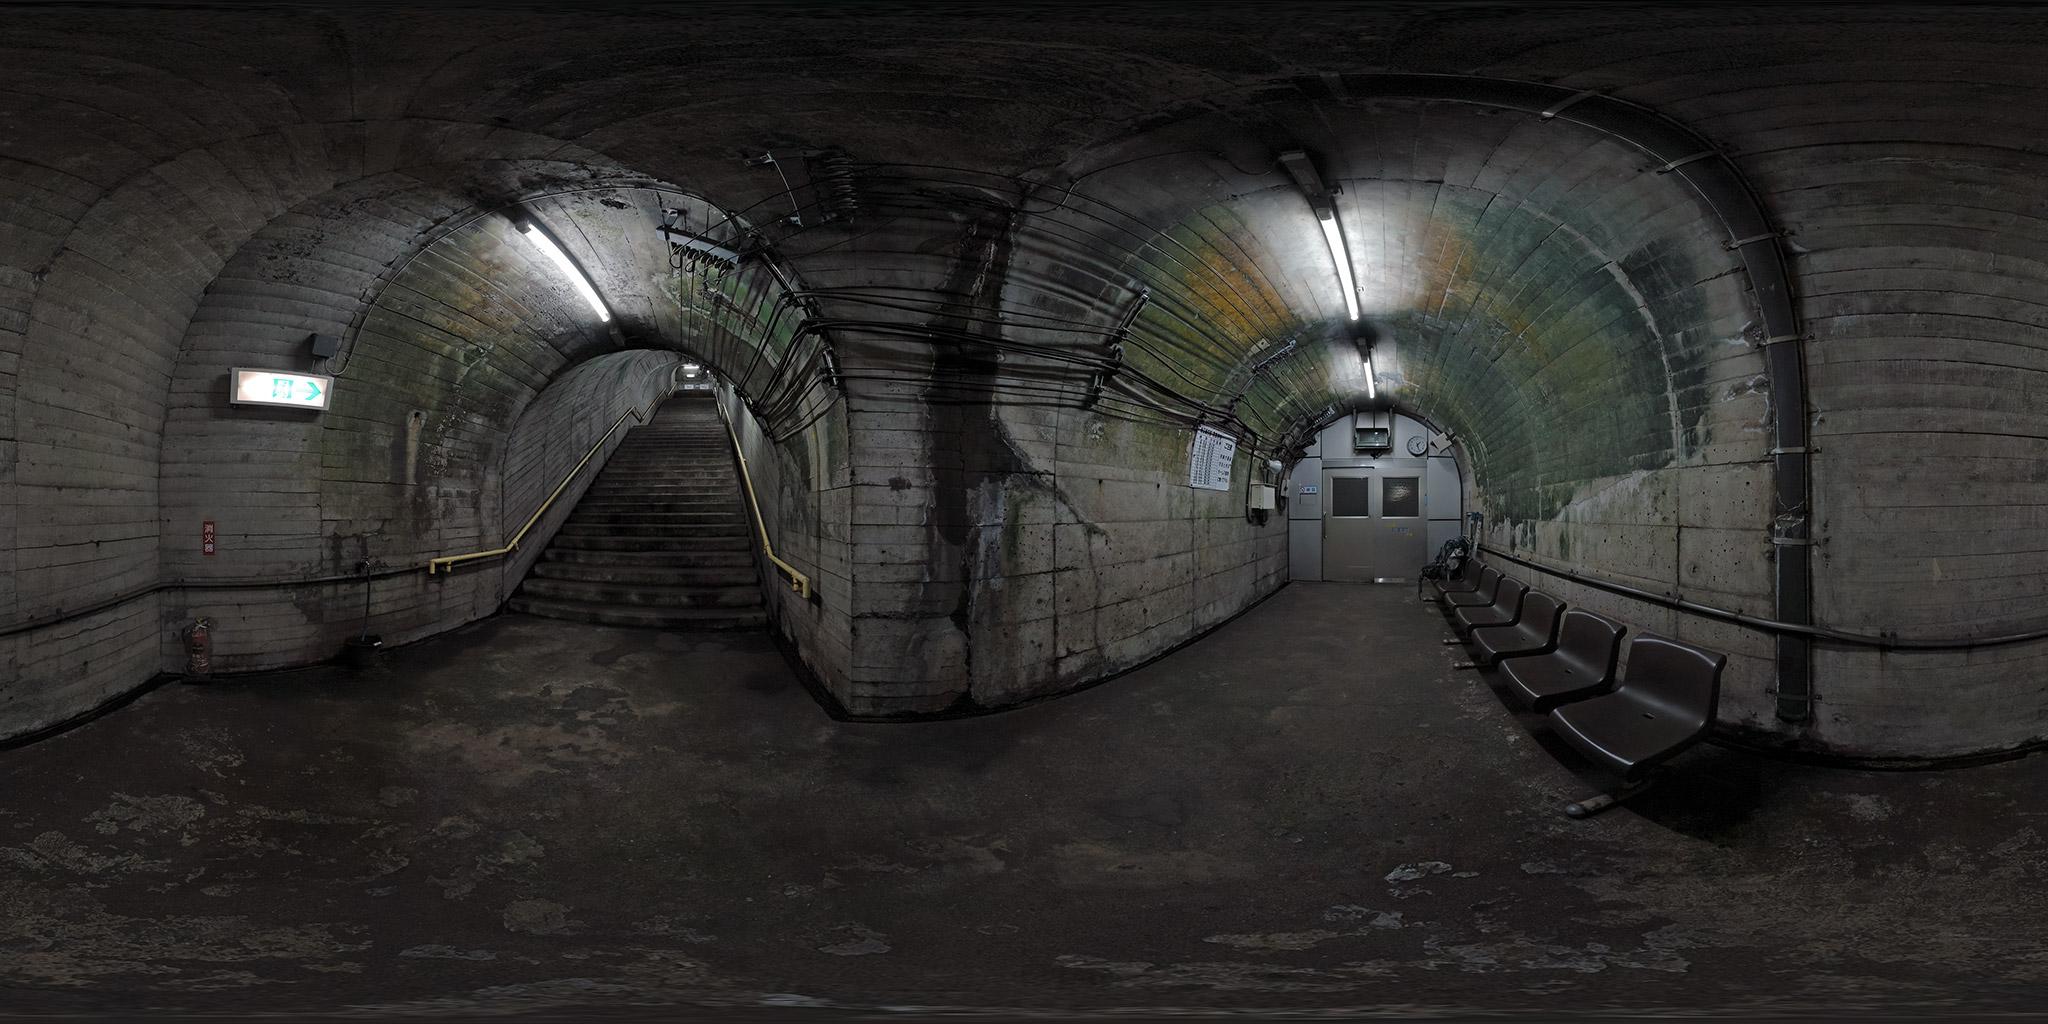 頸城トンネル内にある筒石駅